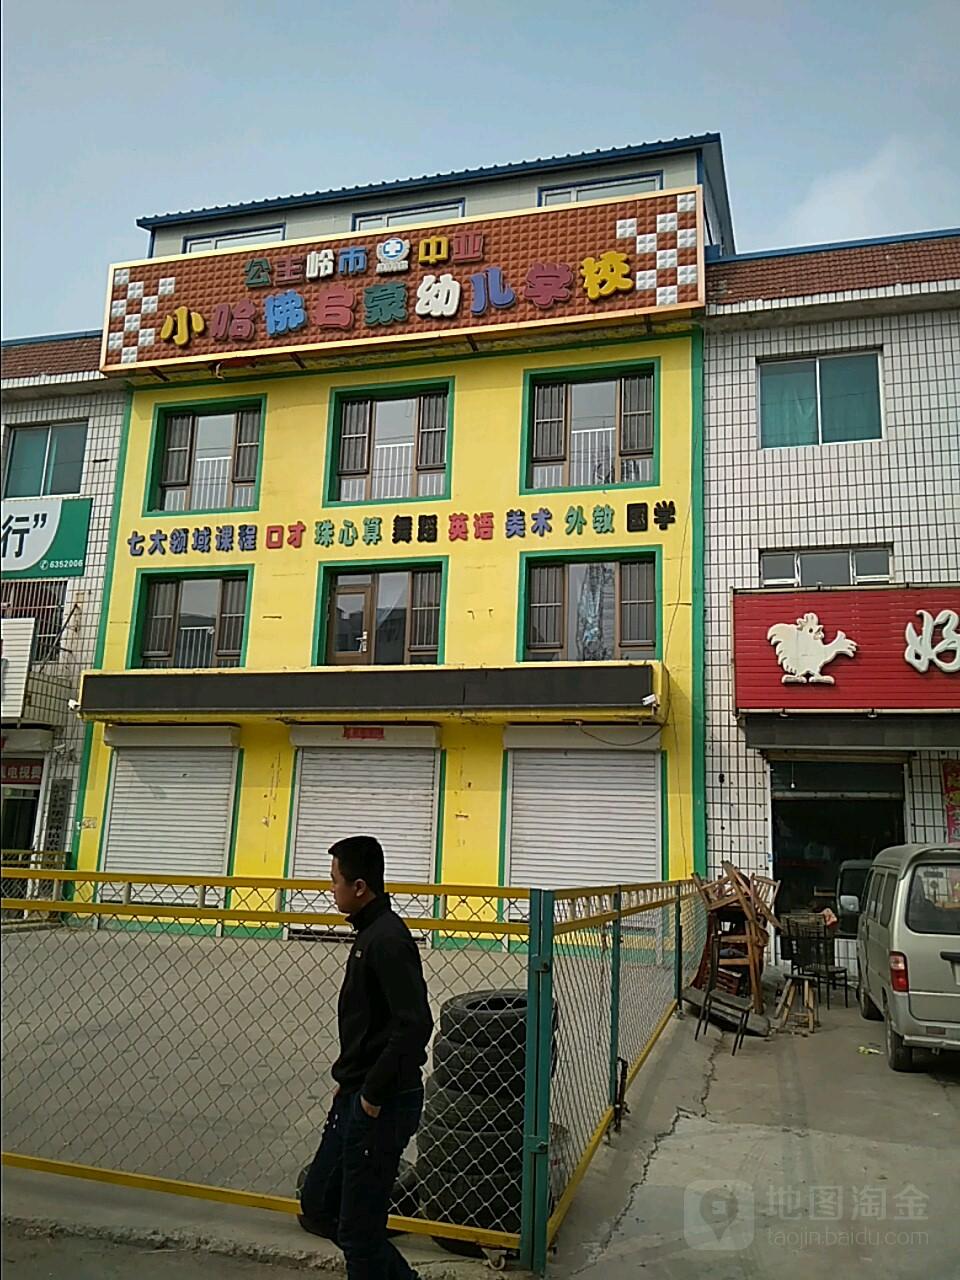 小哈佛启蒙幼儿学校